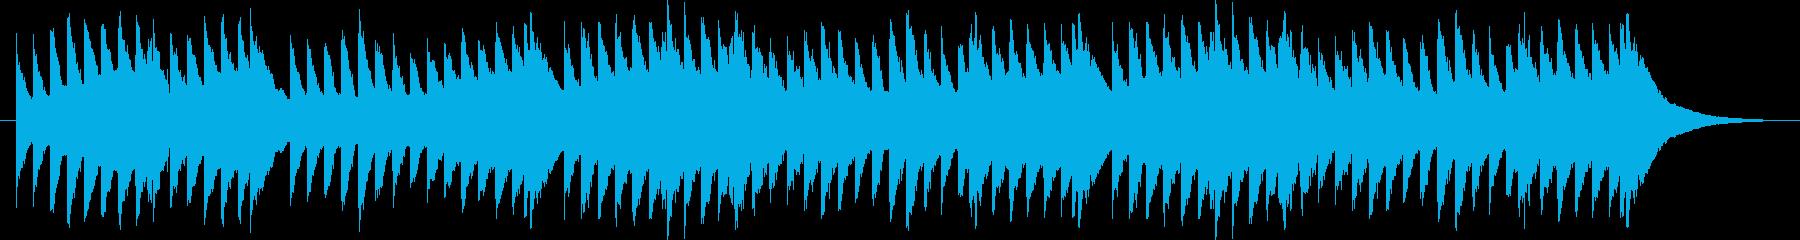 喜びのうたのオルゴールの再生済みの波形